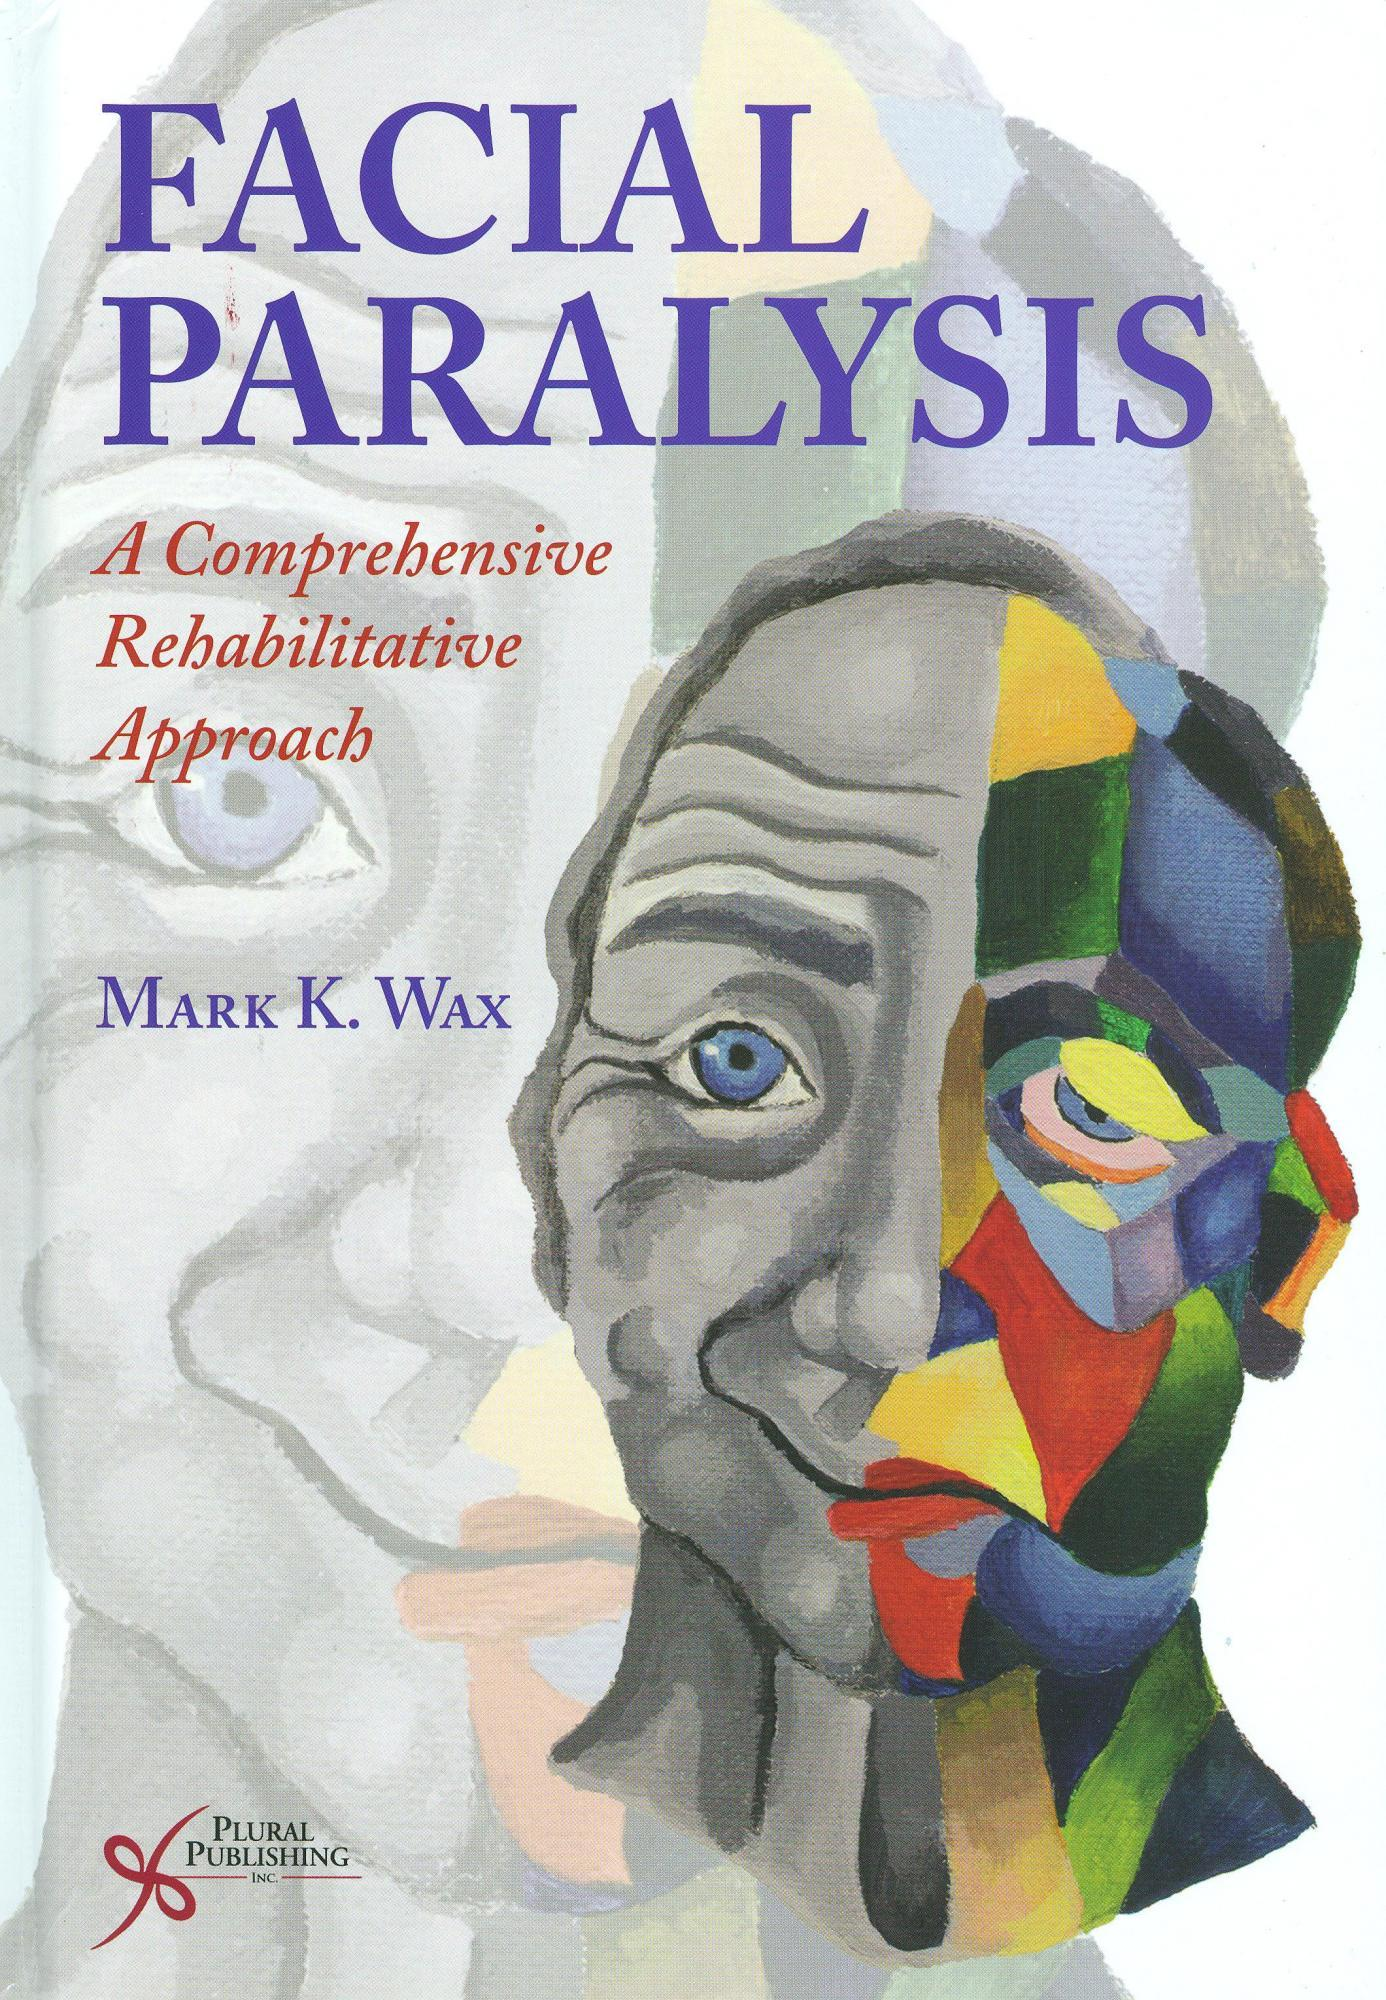 Facial Paralysis: A Comprehensive Rehabilitative Approach